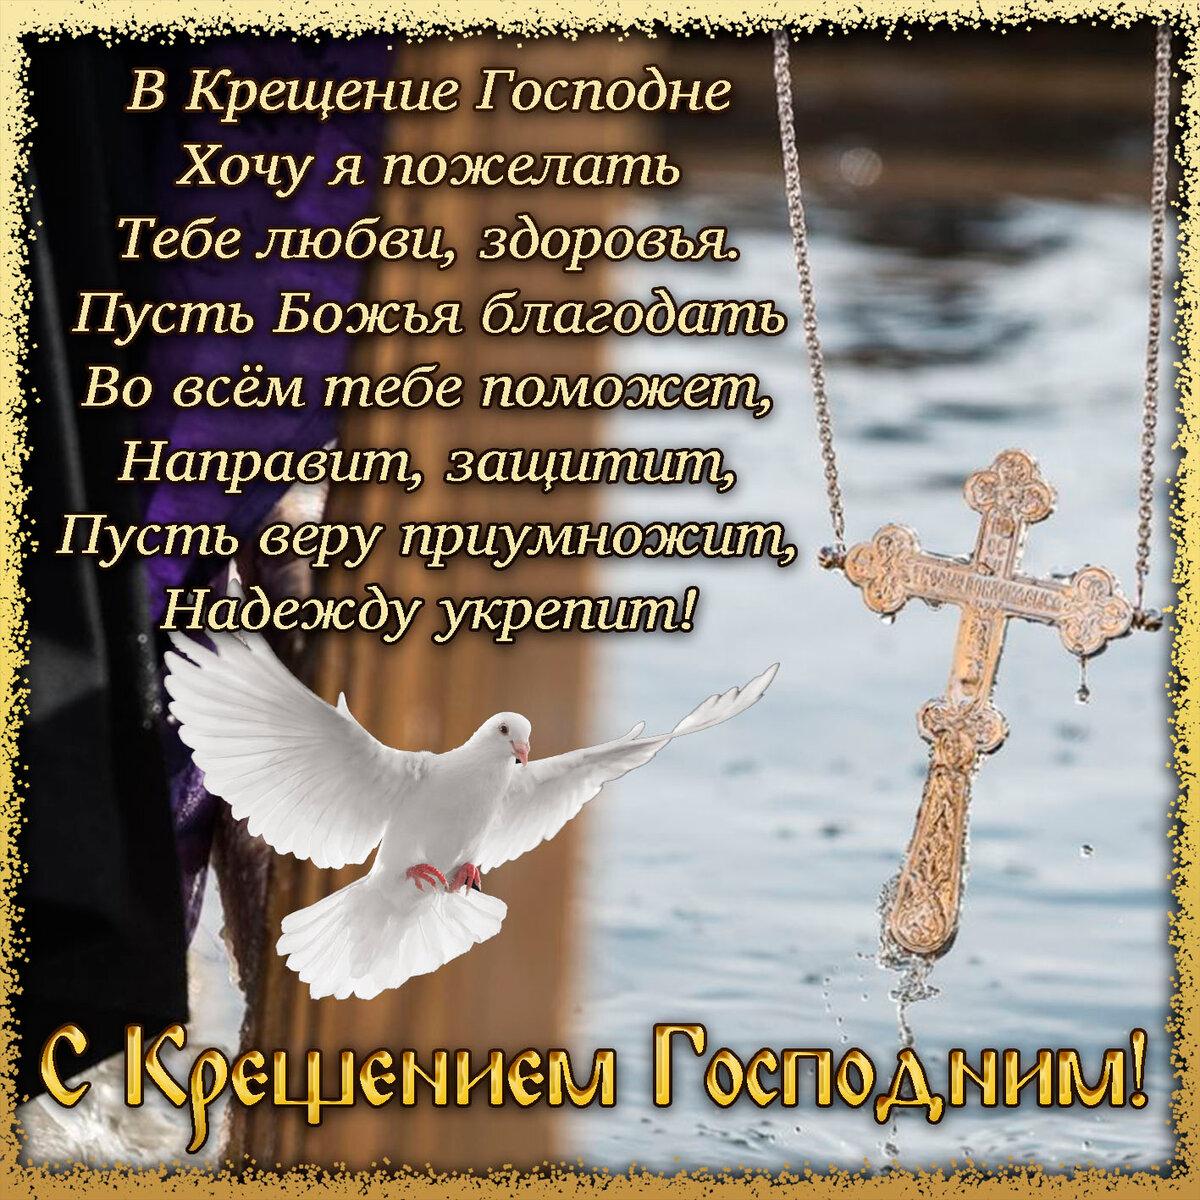 Поздравление с крещением краткие